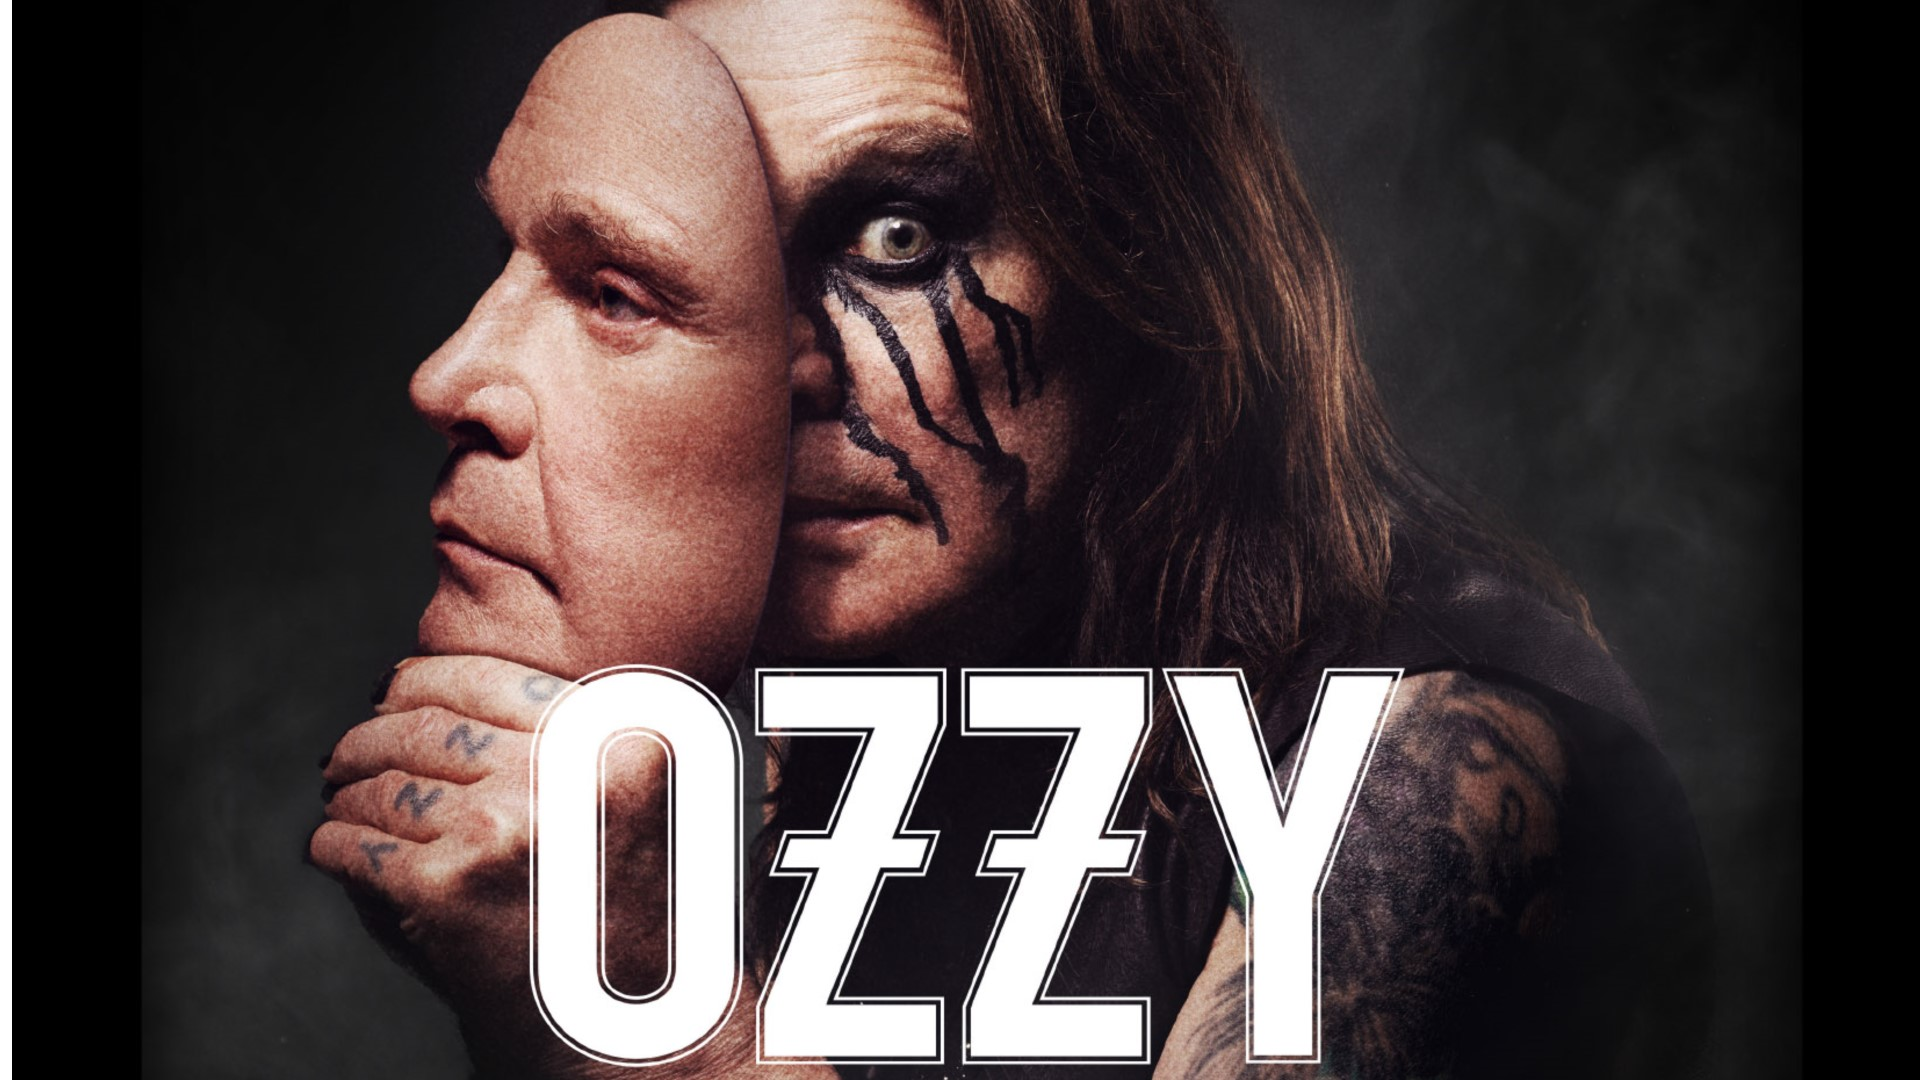 Facial Hair Ozzy Osbourne Farewell Tour Action Film